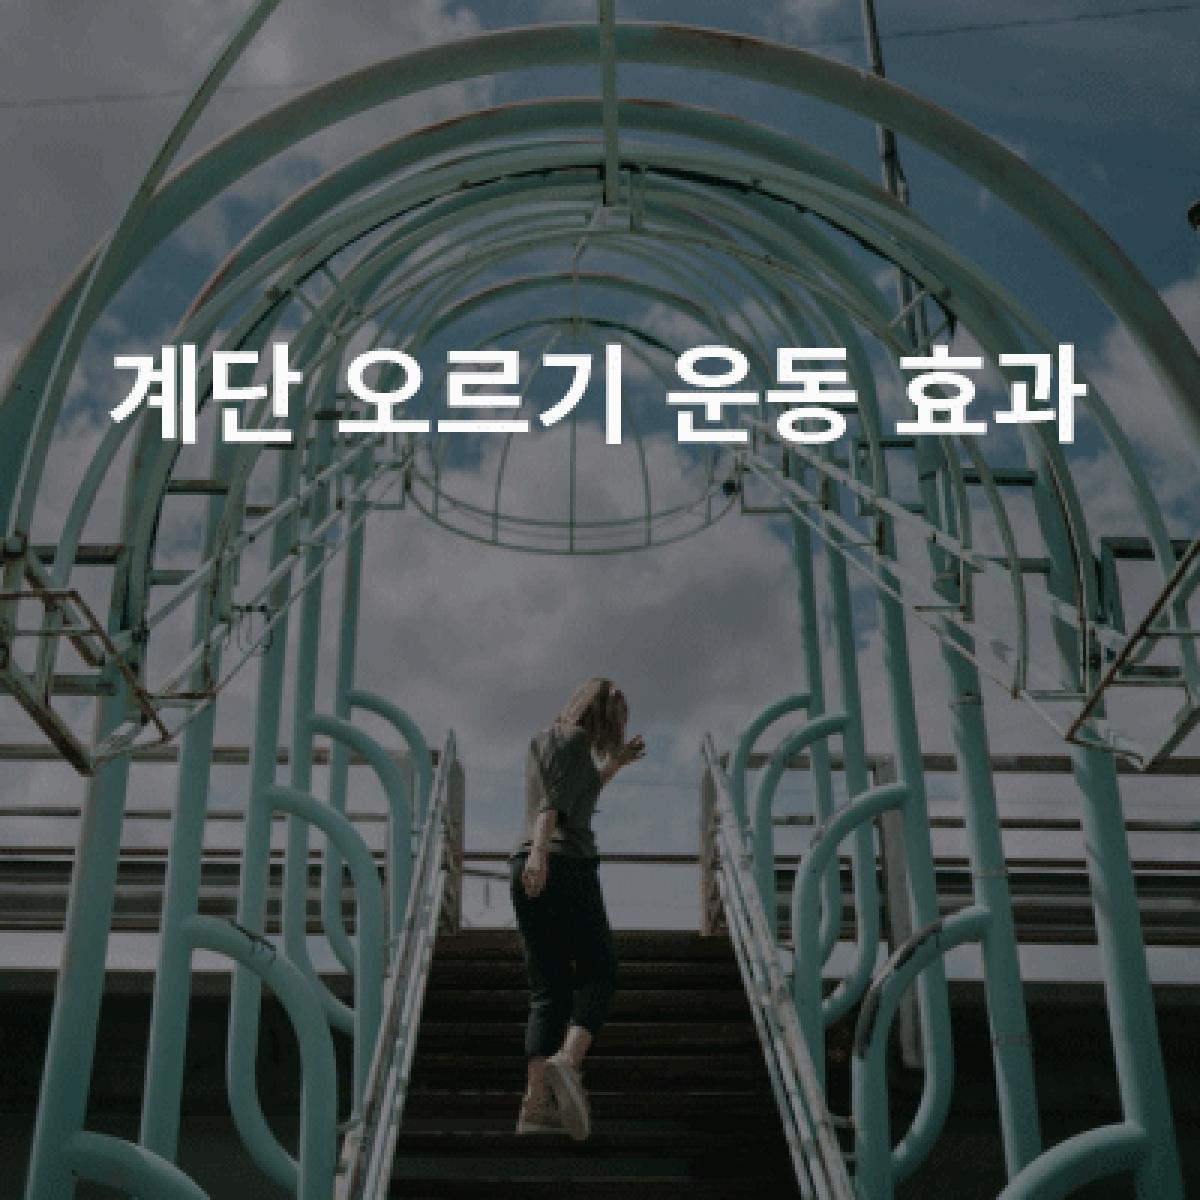 계단 오르기 효과